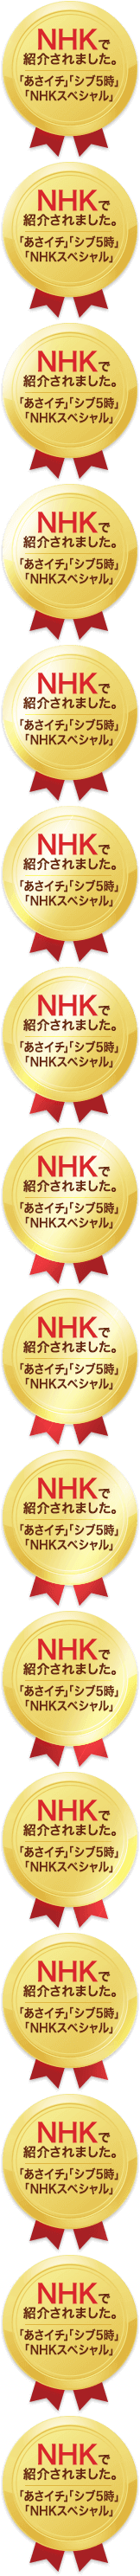 NHKで紹介されました。 「あさイチ」「シブ5時」「NHKスペシャル」